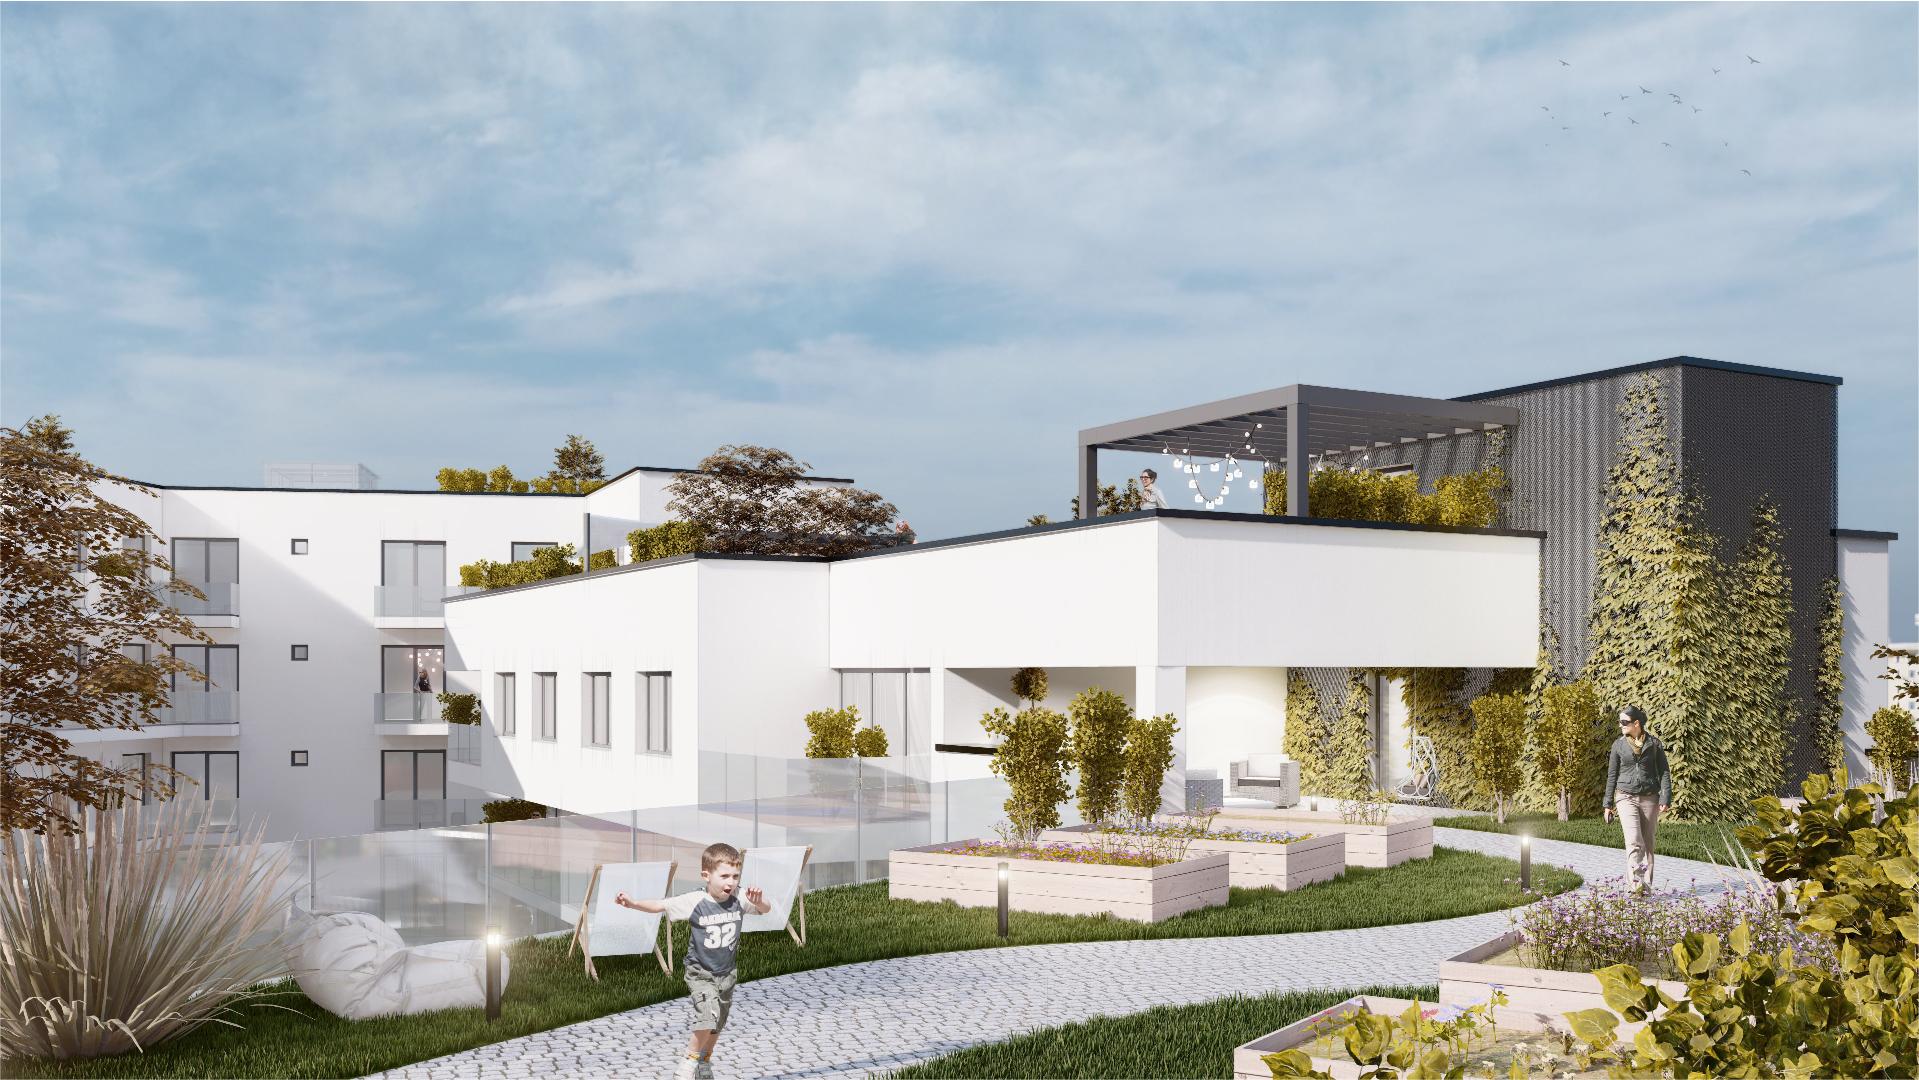 Ružičkov dom - O projekte